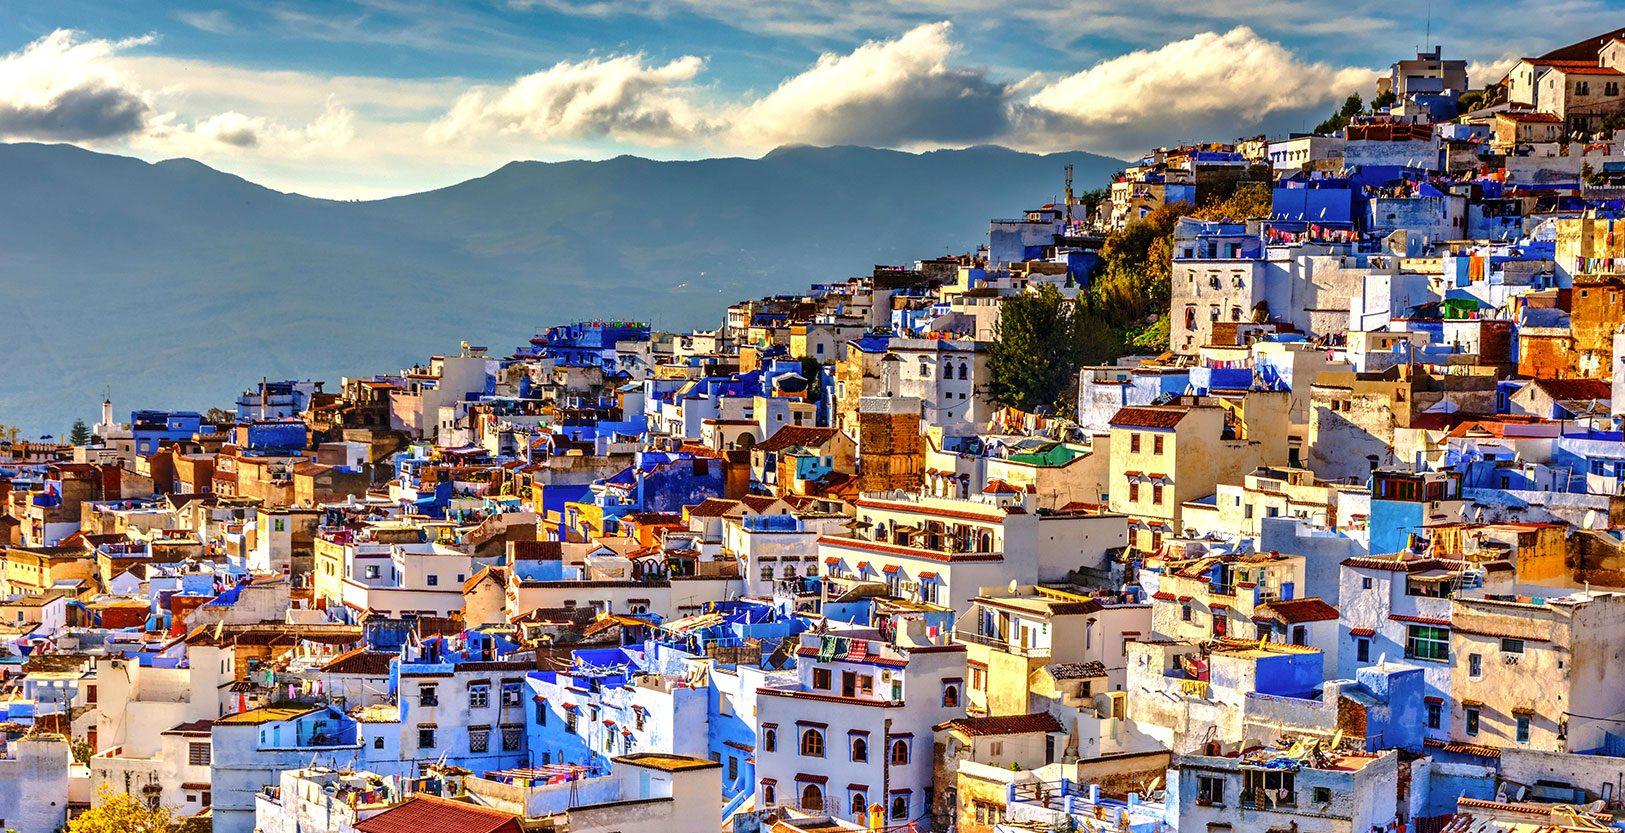 السياحة فى المغرب: أفضل الأماكن بالمغرب التي يمكن زيارتها